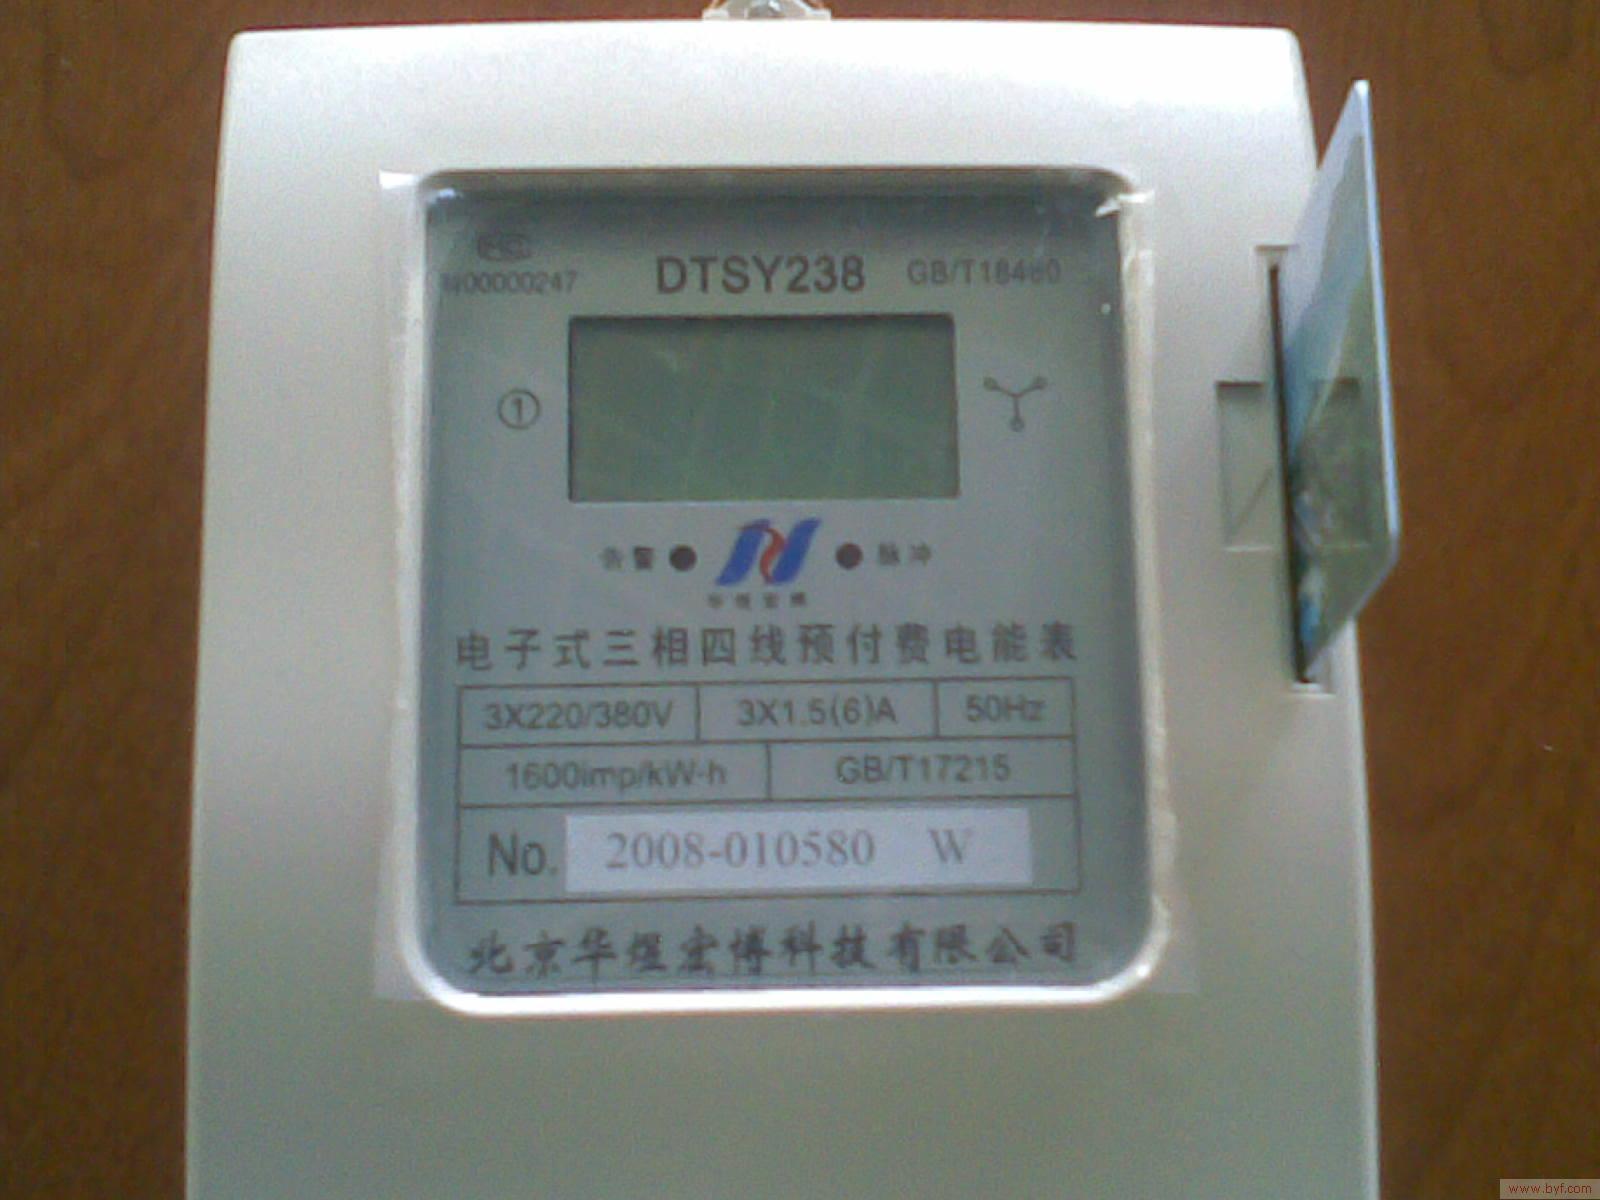 单相轨道式电表 产品特点: 单相导轨式电能表系我公司采用微电子技术与进口专用大规模集成电路,应用数字采样处理技术及SMT工艺等先进技术研制开发的新型单相全电子式电能表,该表性能完全符合GB/T17251-2002国家标准和IEC62053-21(IEC61036)国家标准中1级或2级单相电能表的相关技术要求,可直接精确地测量额定频率为50Hz或60Hz的单相电流电网中有功电能,由步进式机械计数器显示总用电量;具有可靠性好、体积小、重量轻、外形美观、安装方便等特点。 功能及特点: 1.